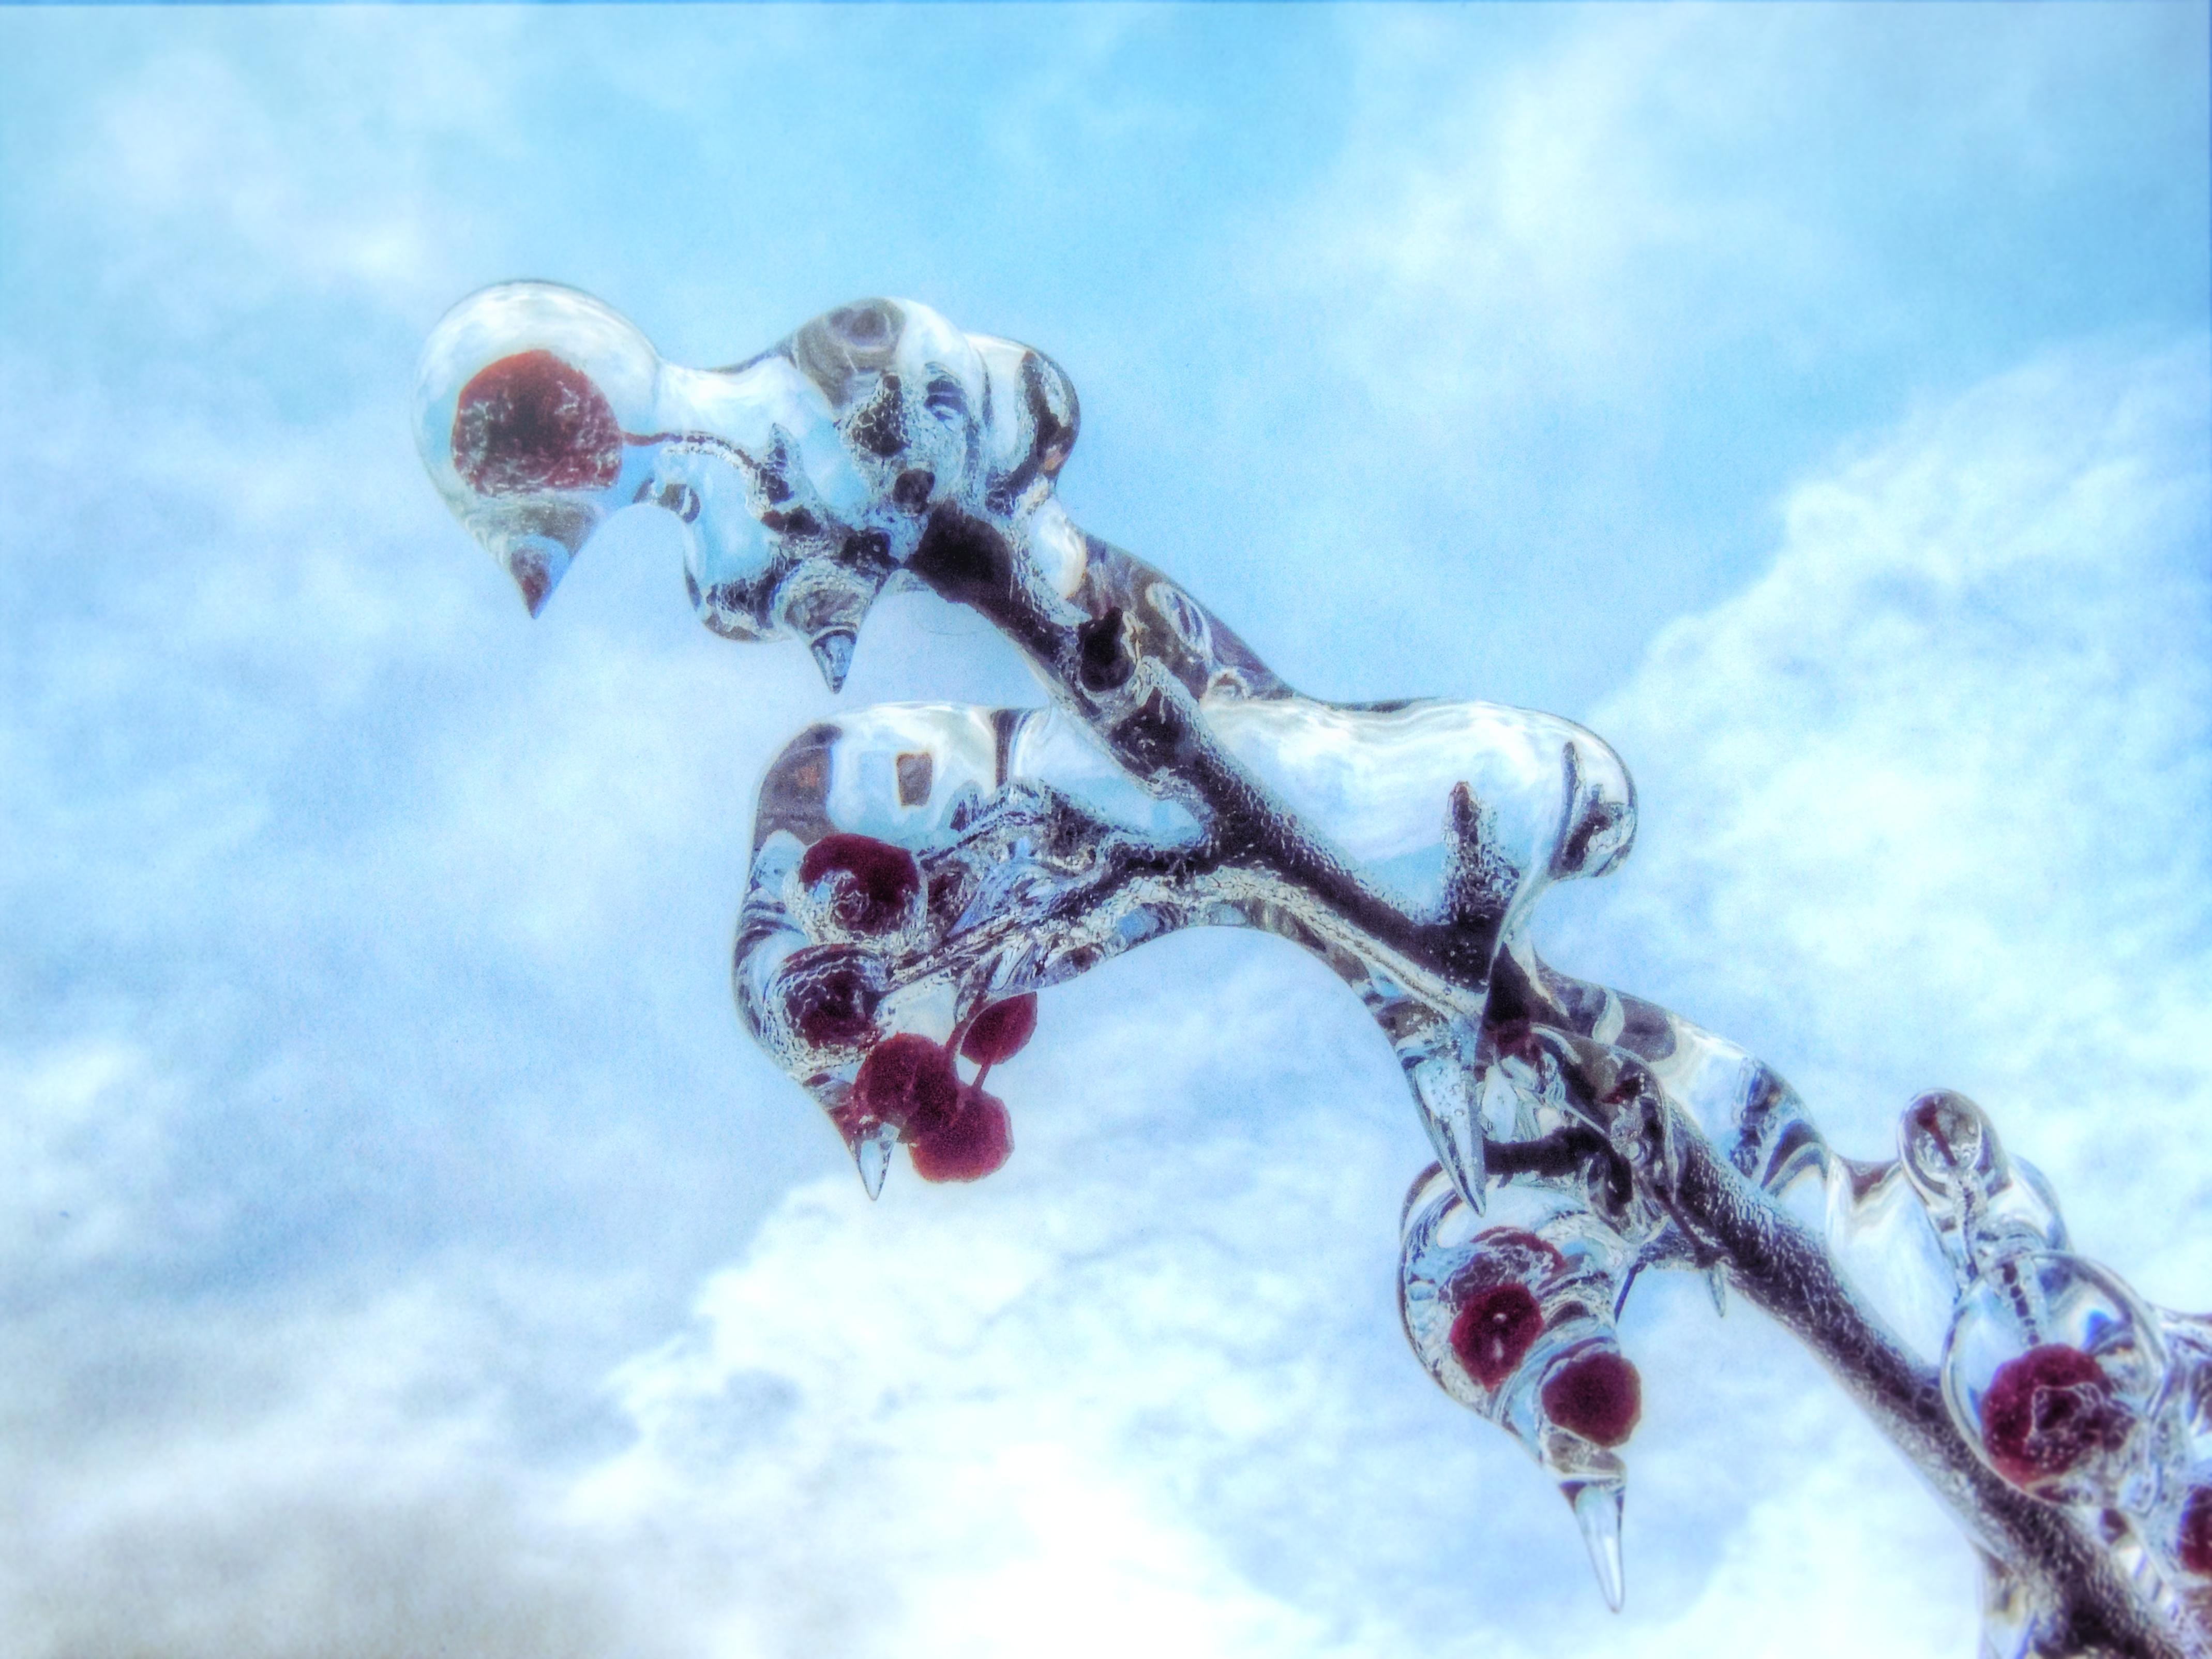 hintergrundbilder wasser rot himmel pflanzen schnee winter wolken ast blau eis frost. Black Bedroom Furniture Sets. Home Design Ideas